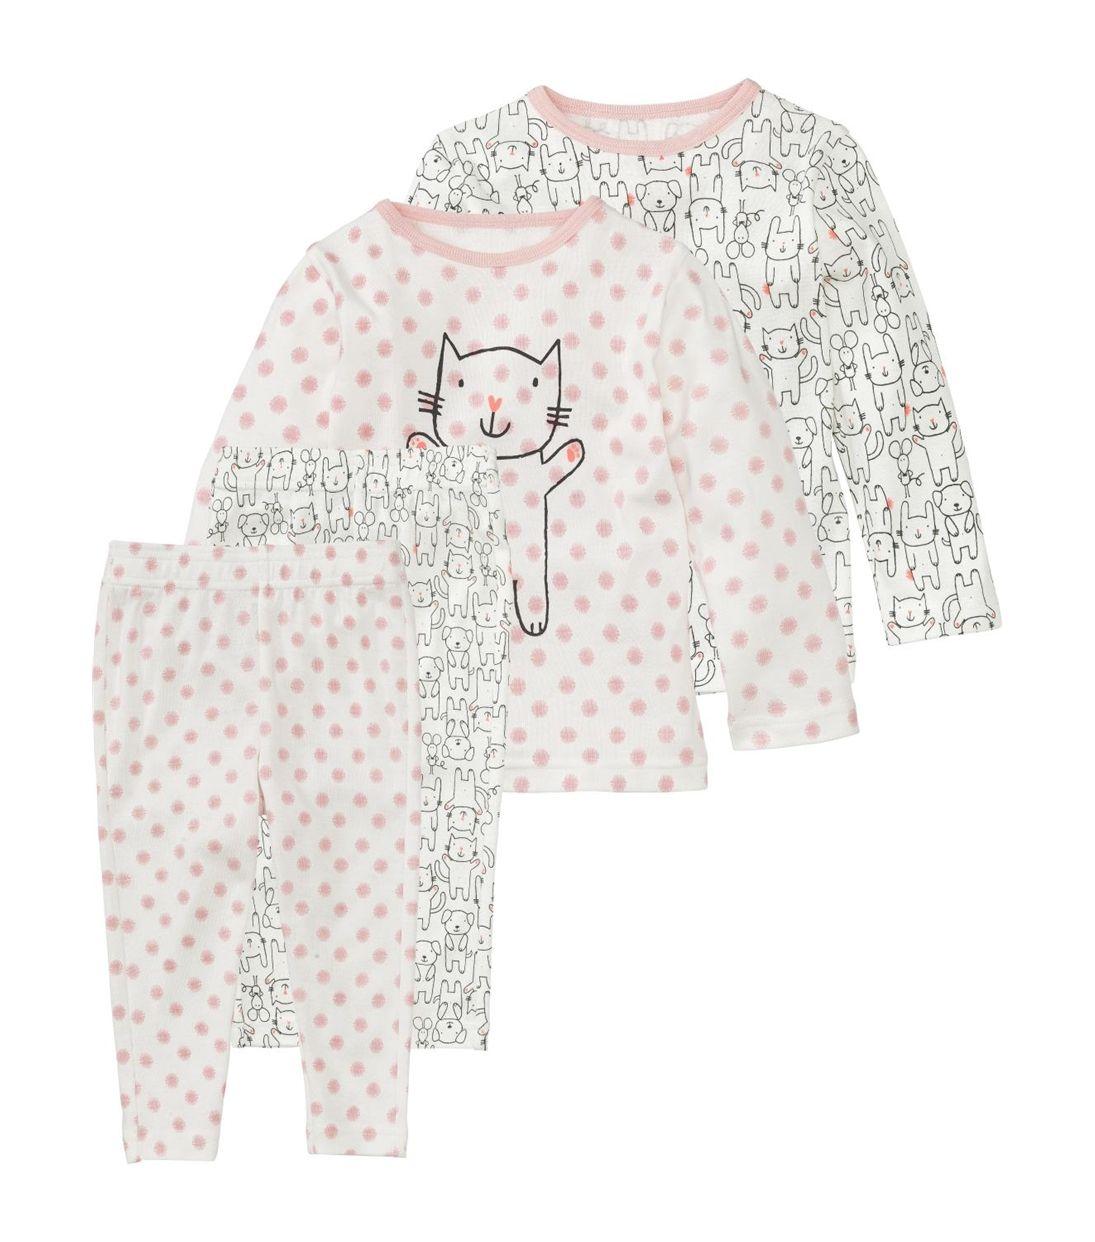 c51011b30e05e 2 pyjamas bébé - HEMA